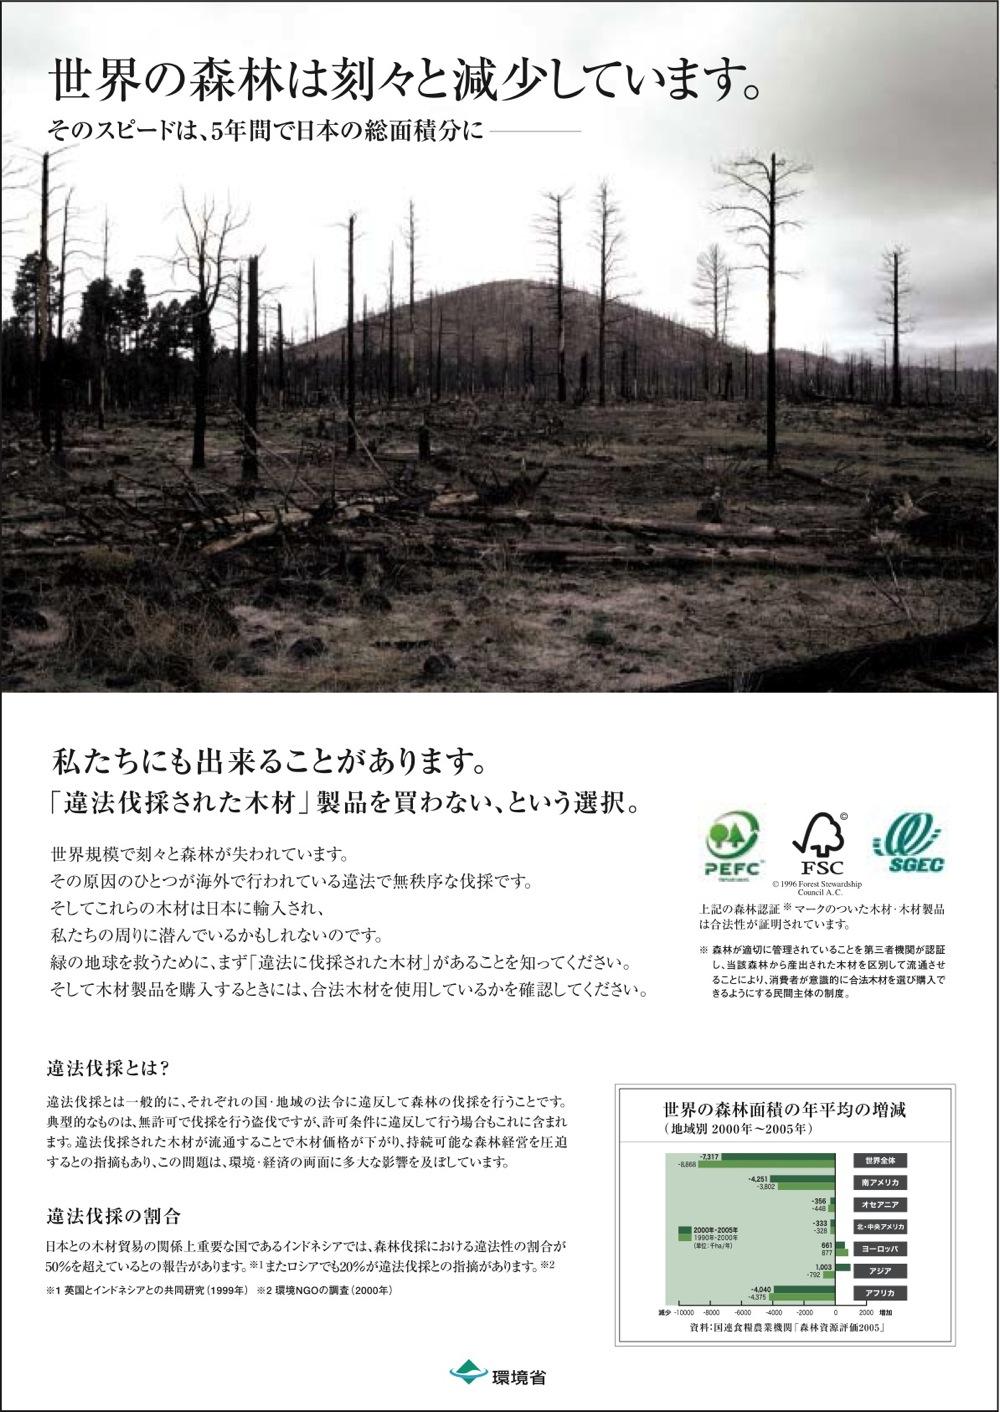 世界の森_f0053164_10111435.jpg